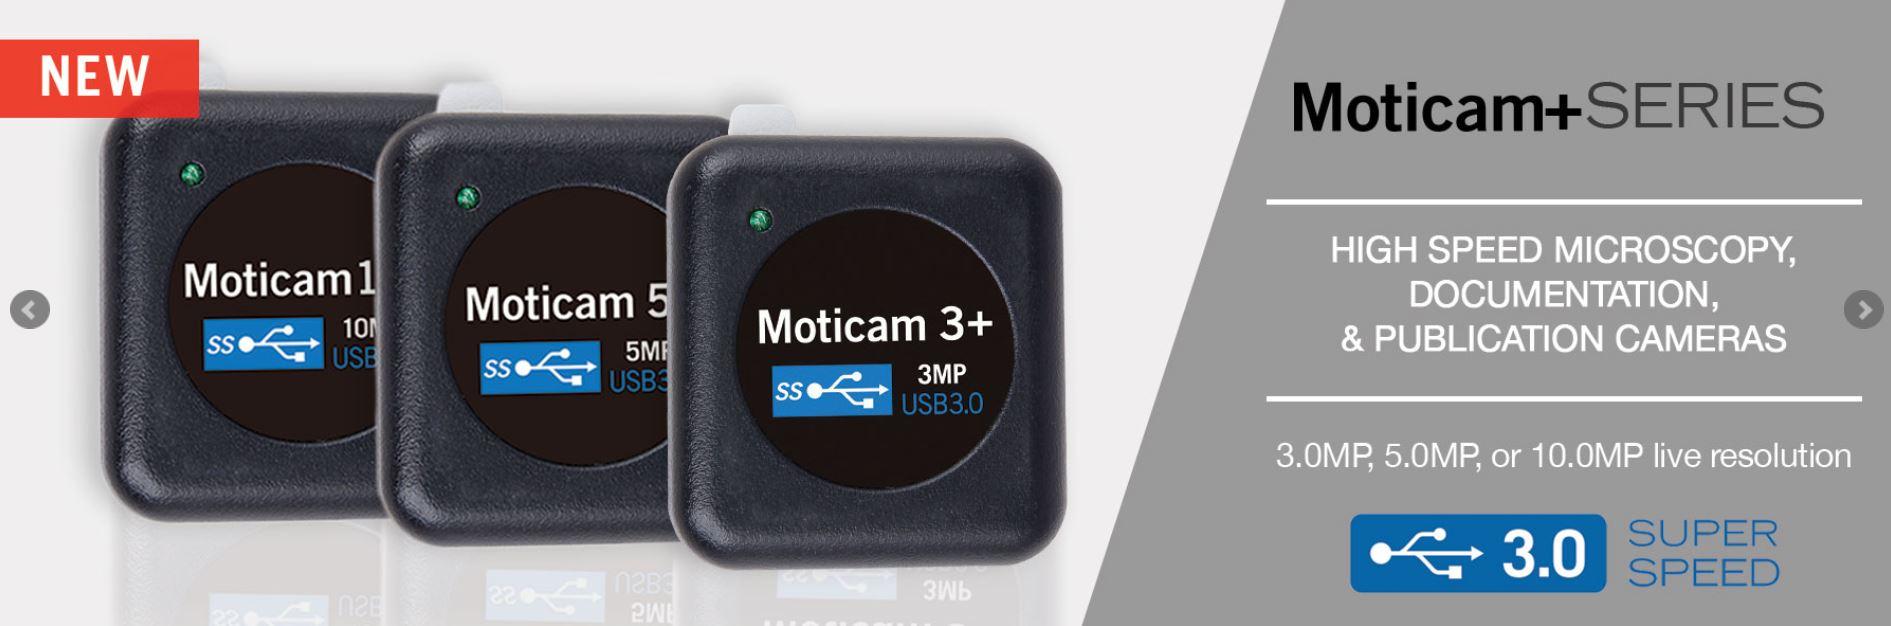 moticplus_slide